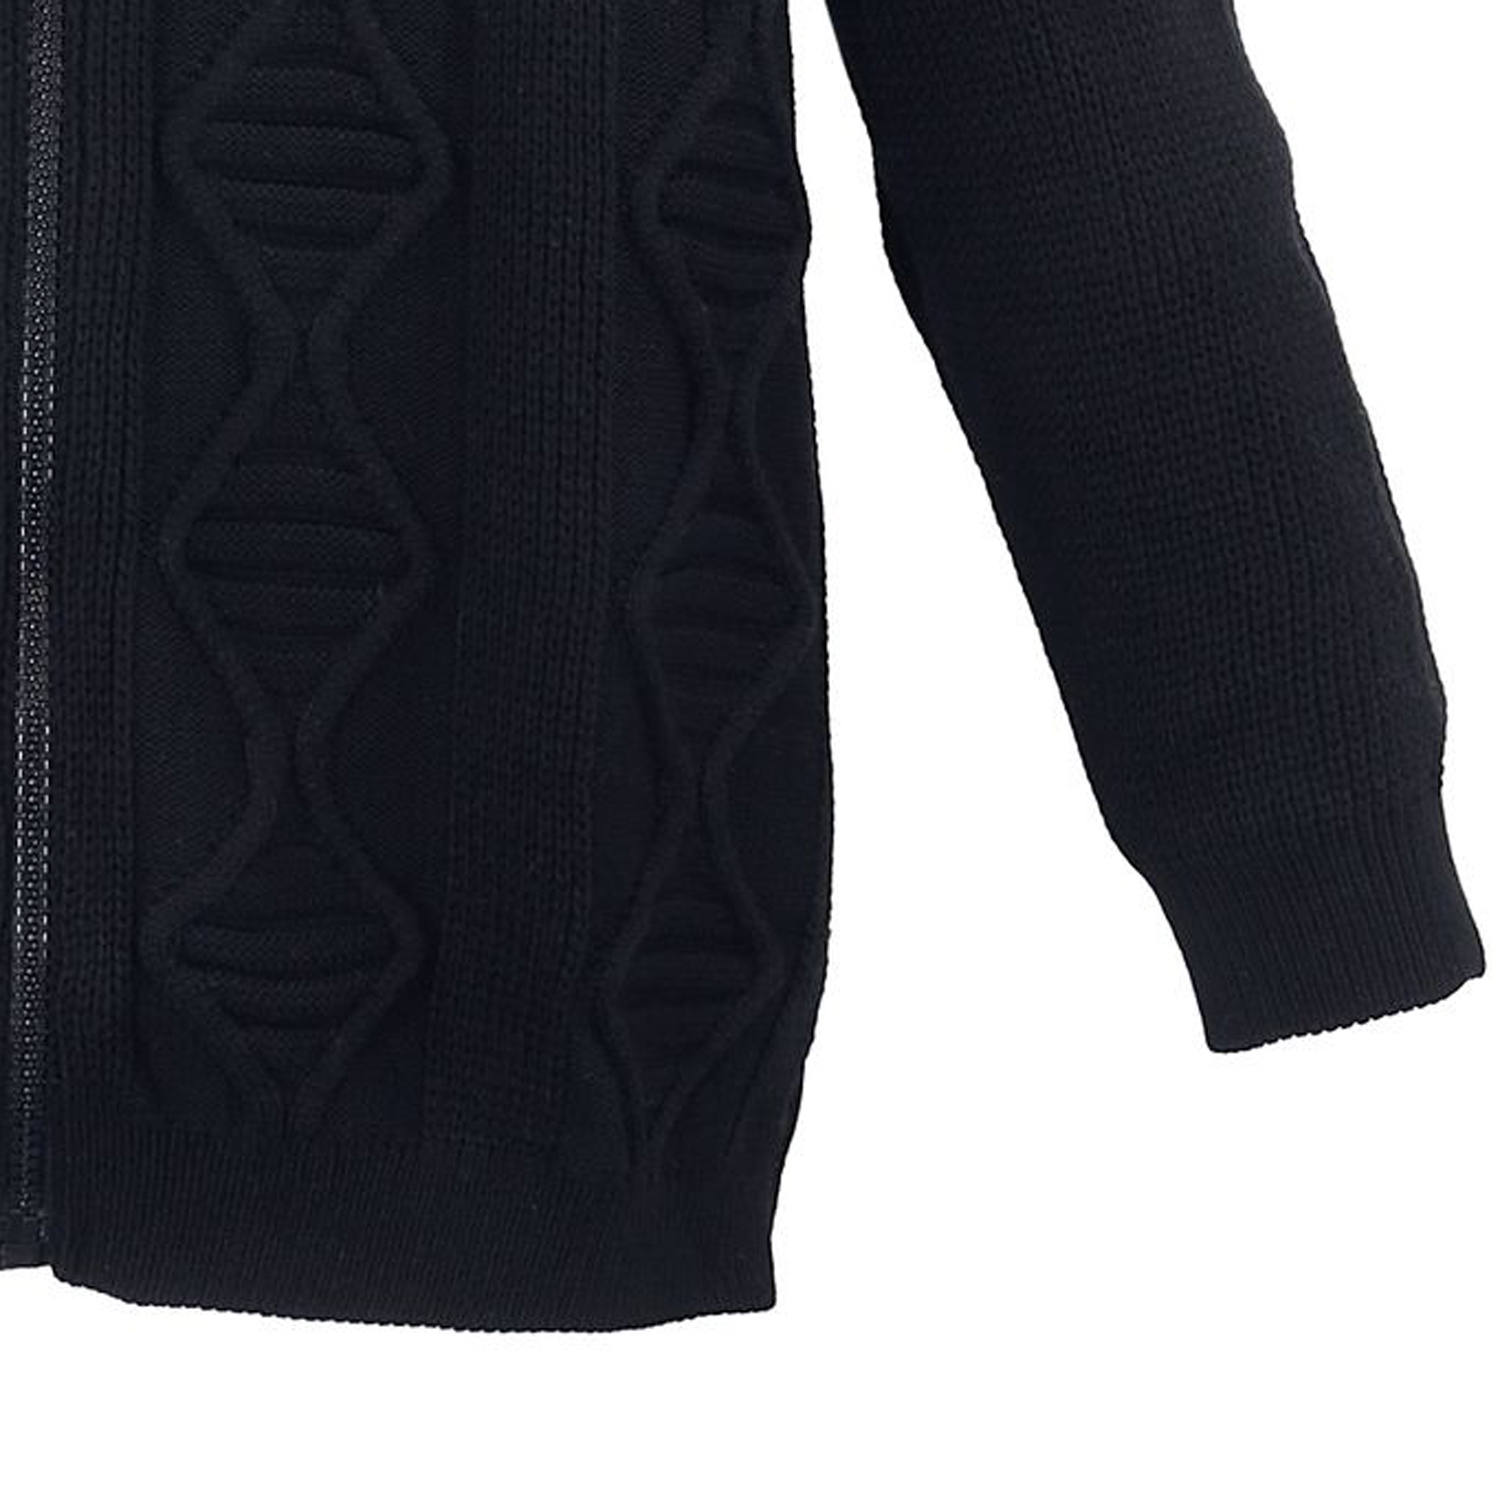 Detailbild zu Übergrößen Strickjacke mit Kapuze von Lavecchia in schwarz bis 7XL